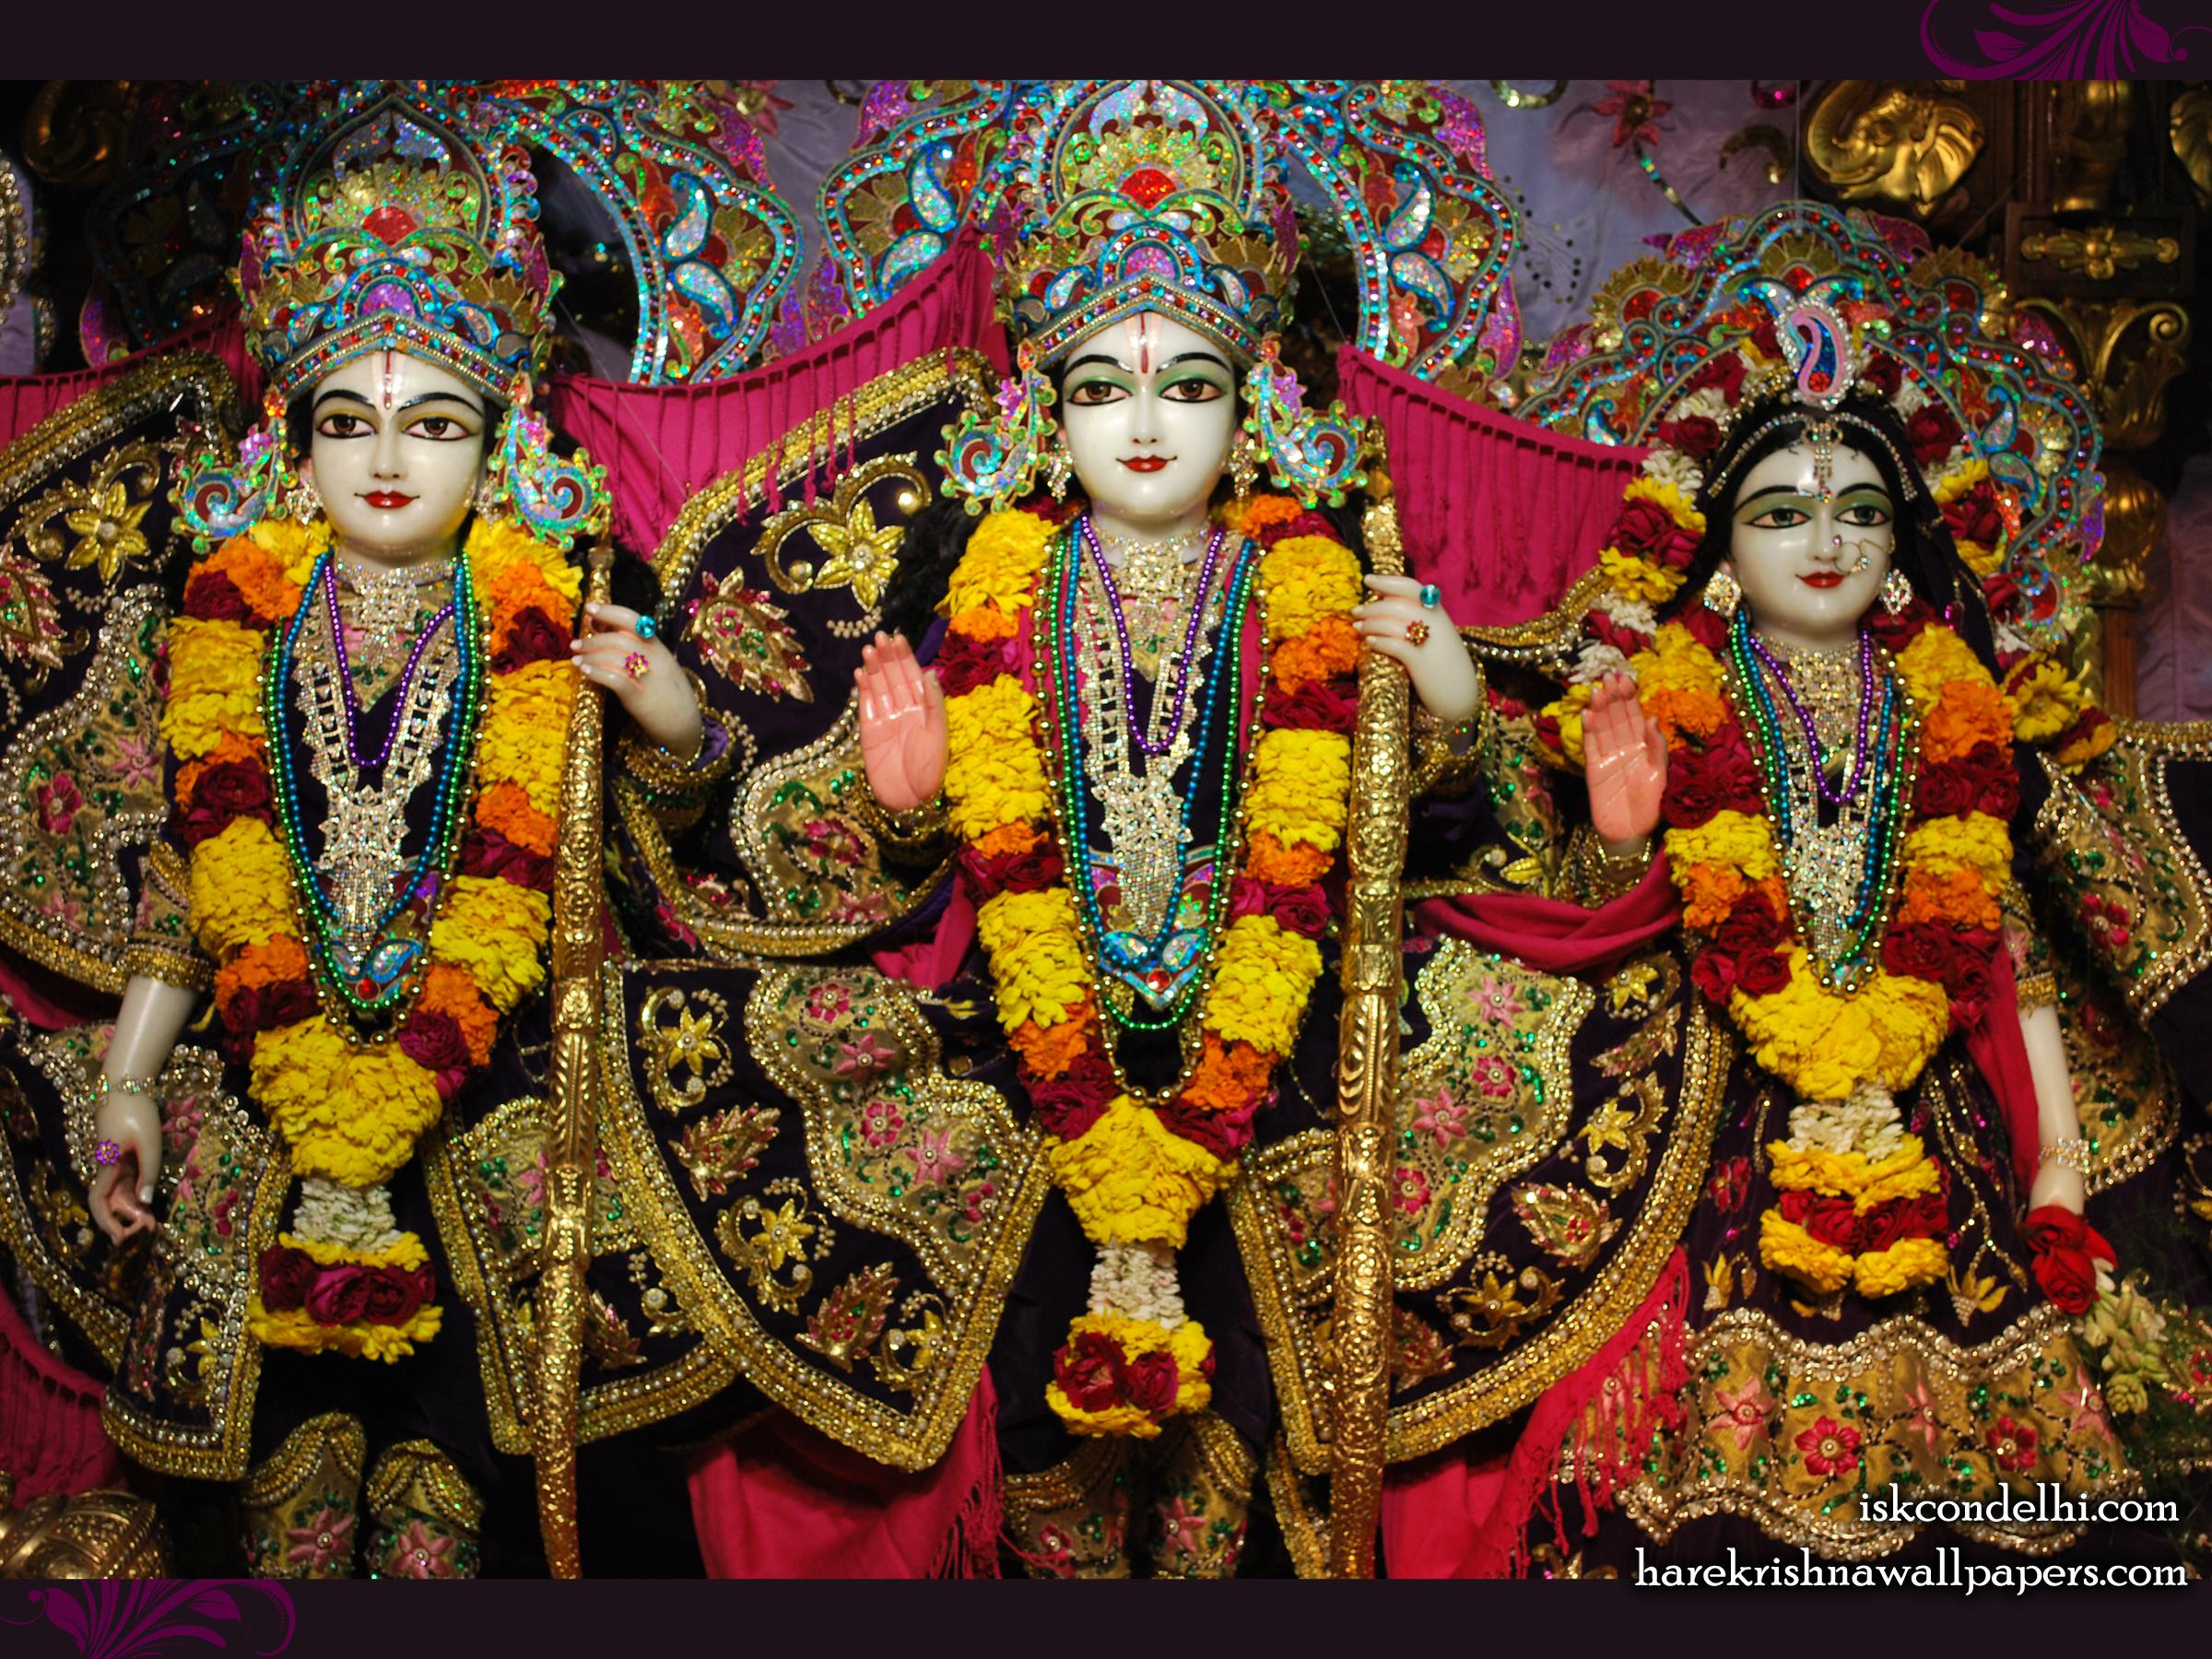 Sri Sri Sita Rama Laxman Wallpaper (002) Size 2400x1800 Download